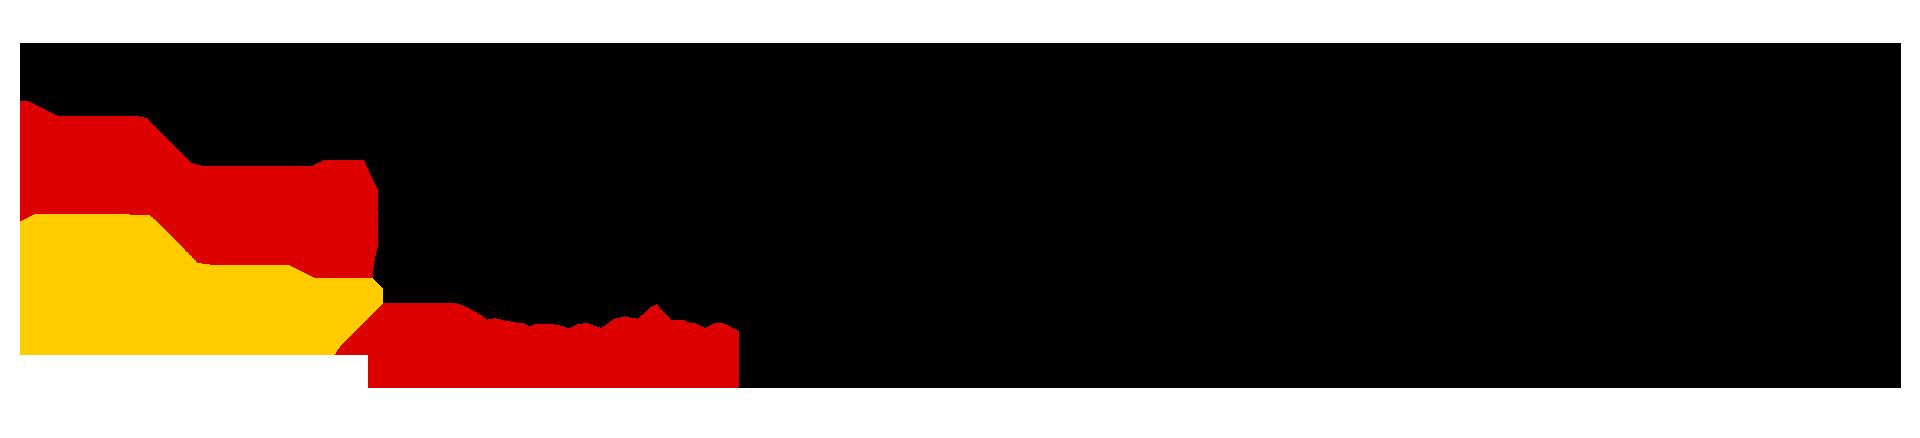 GEMMAF